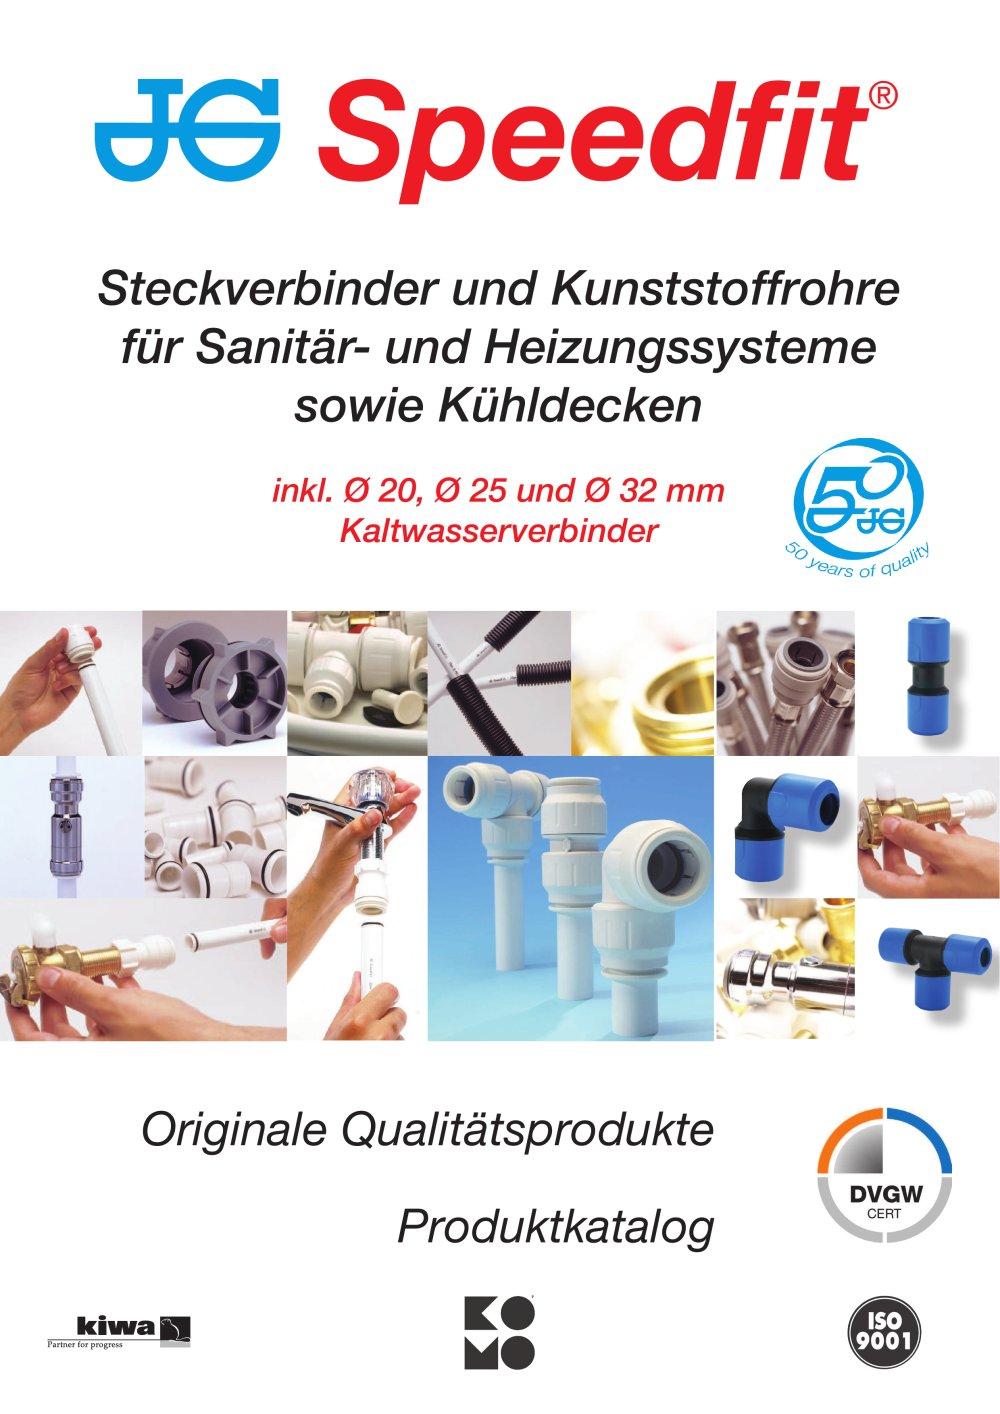 Steckverbinder und Kunststoffrohre für Sanitär- und Heizungssysteme ...